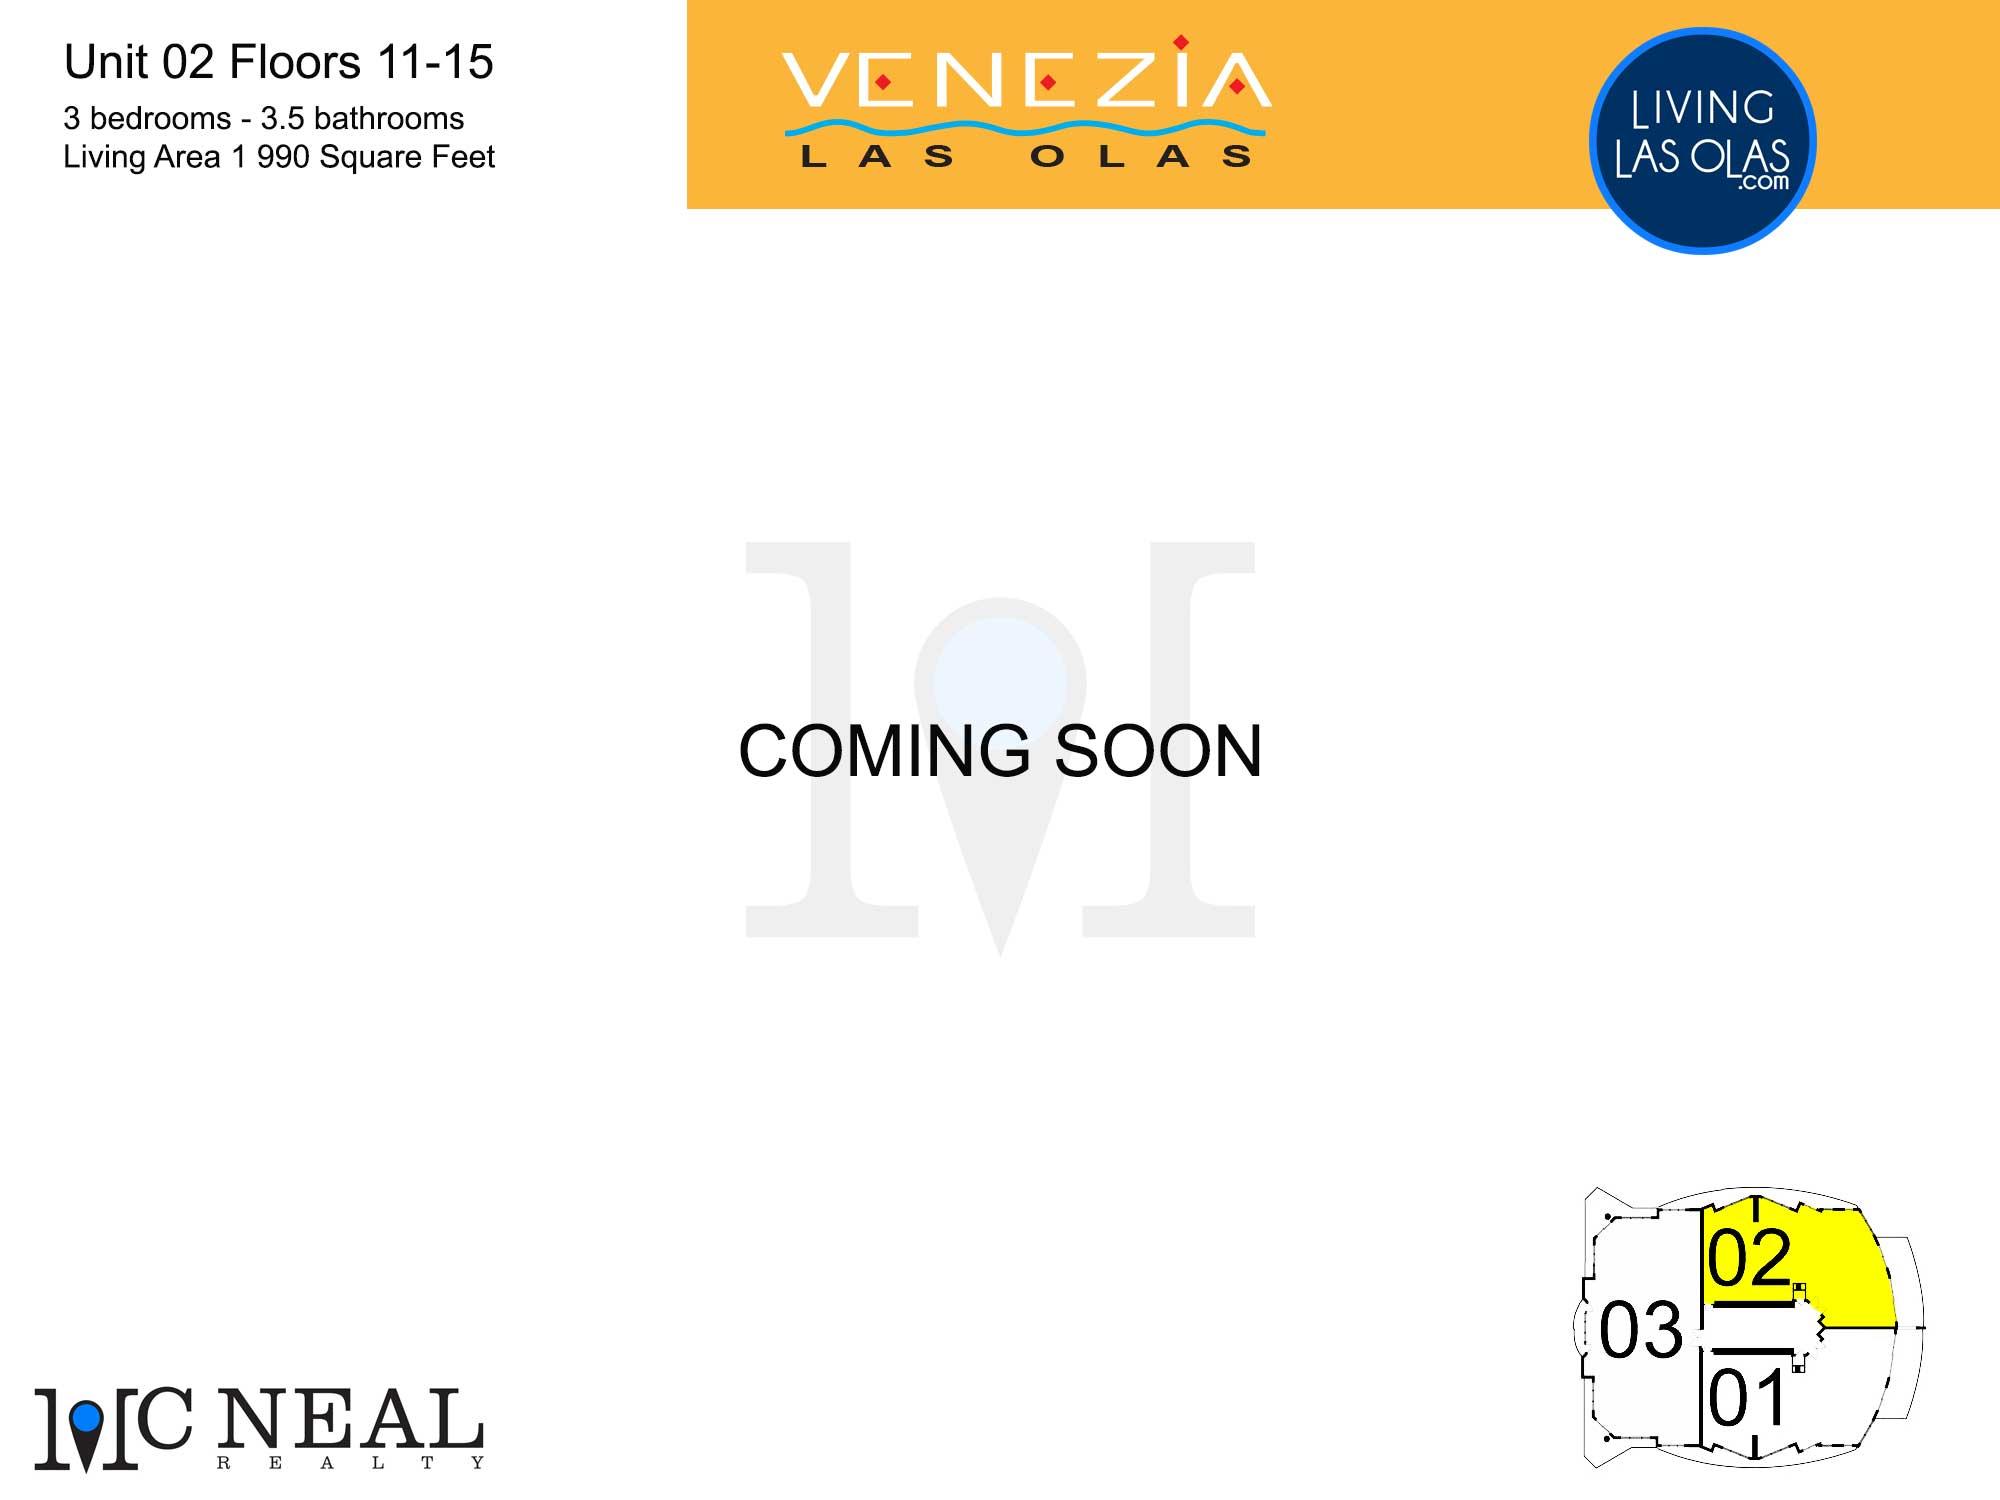 Venezia Las Olas Floor Plans 11-15 Unit 2